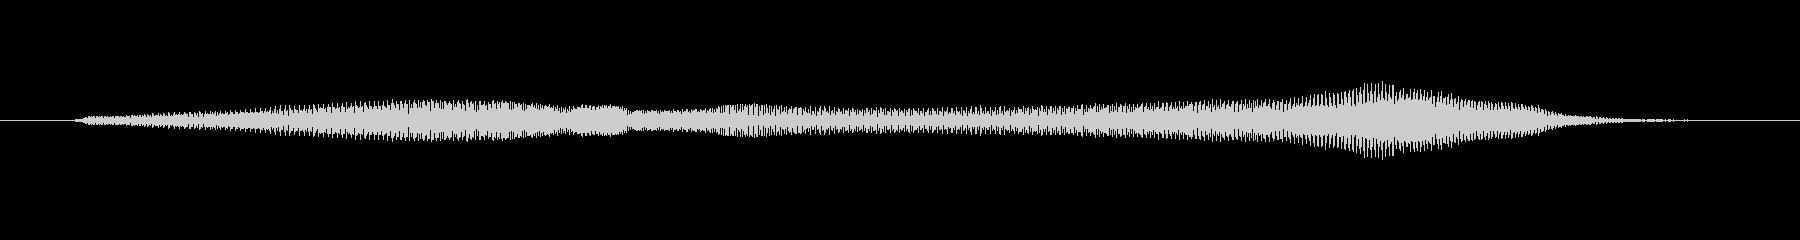 いいなーの未再生の波形